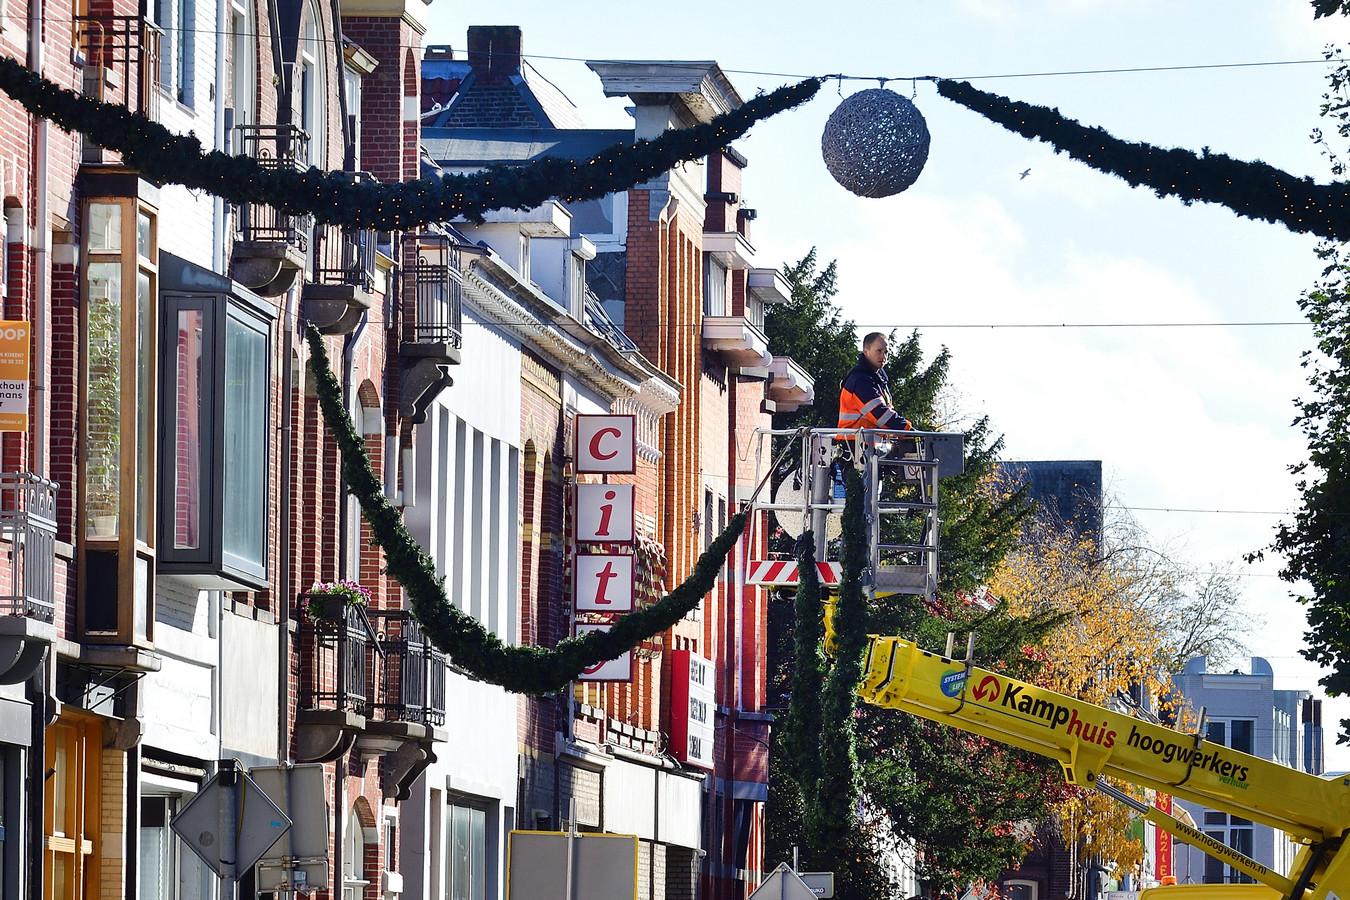 Uit het ondernemersfonds wordt onder meer de jaarlijkse feestverlichting in de Roosendaalse binnenstad betaald.